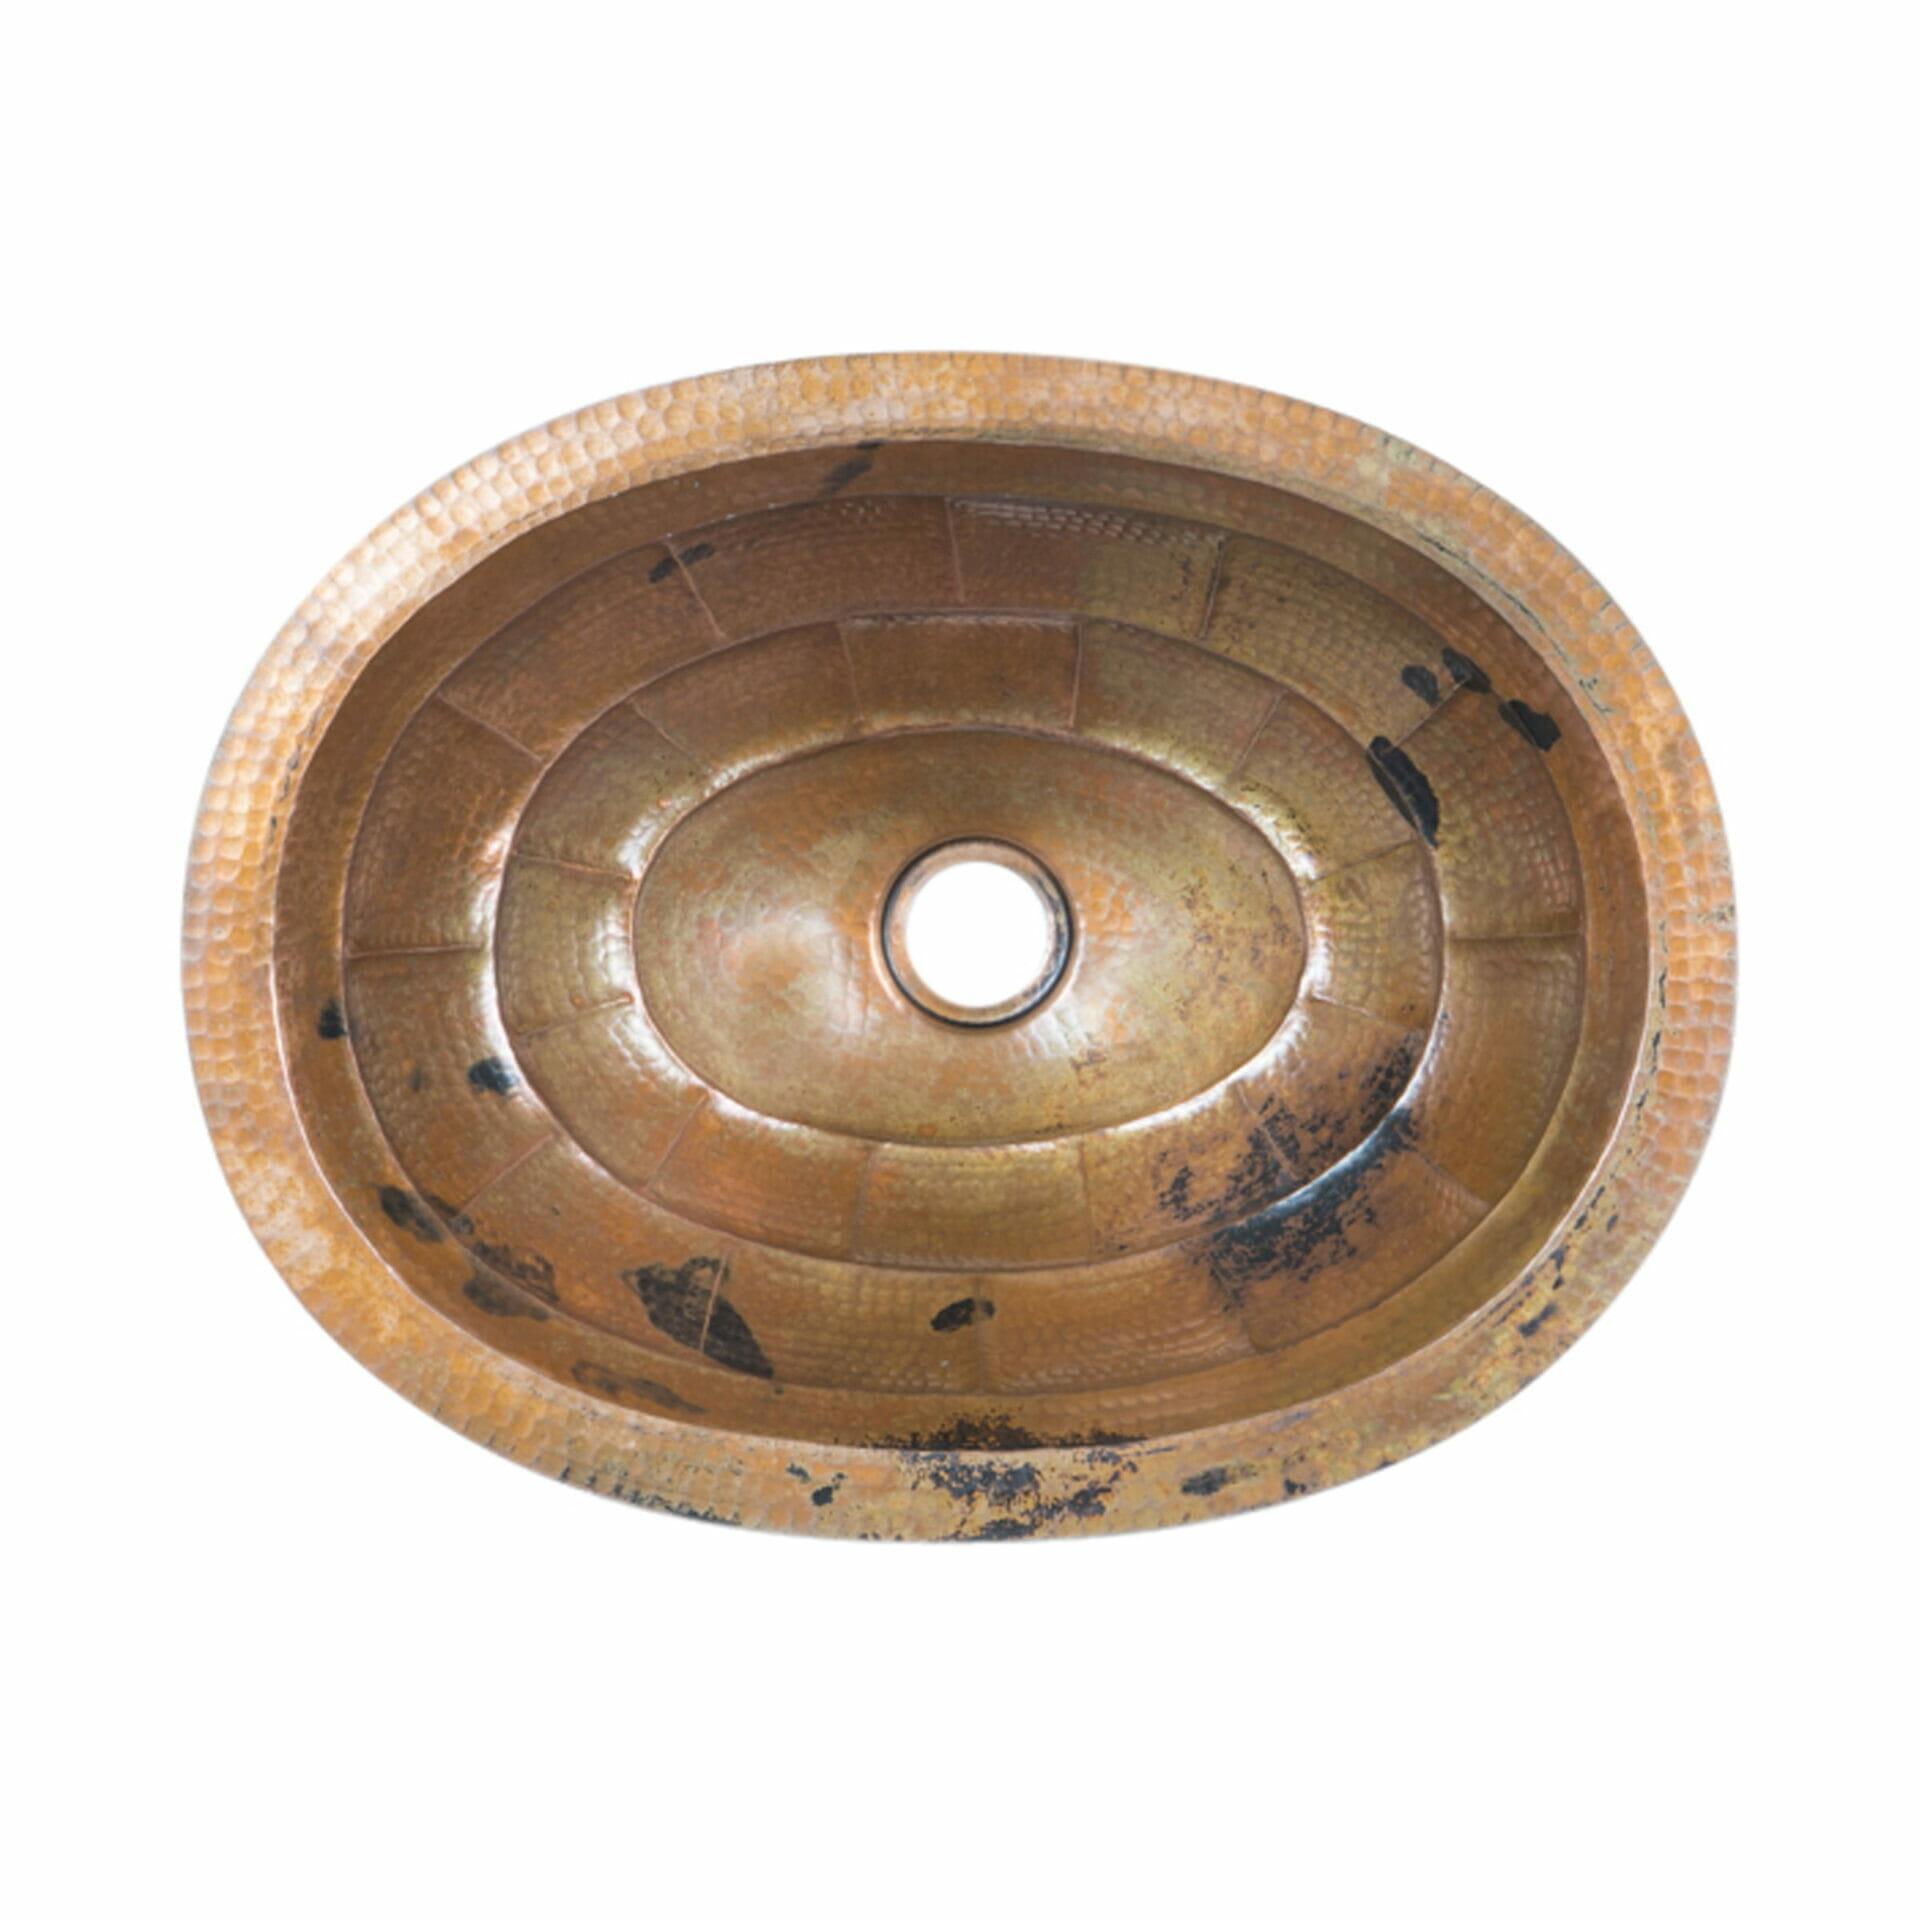 Turtle Shell Oval Drop In Copper Sink